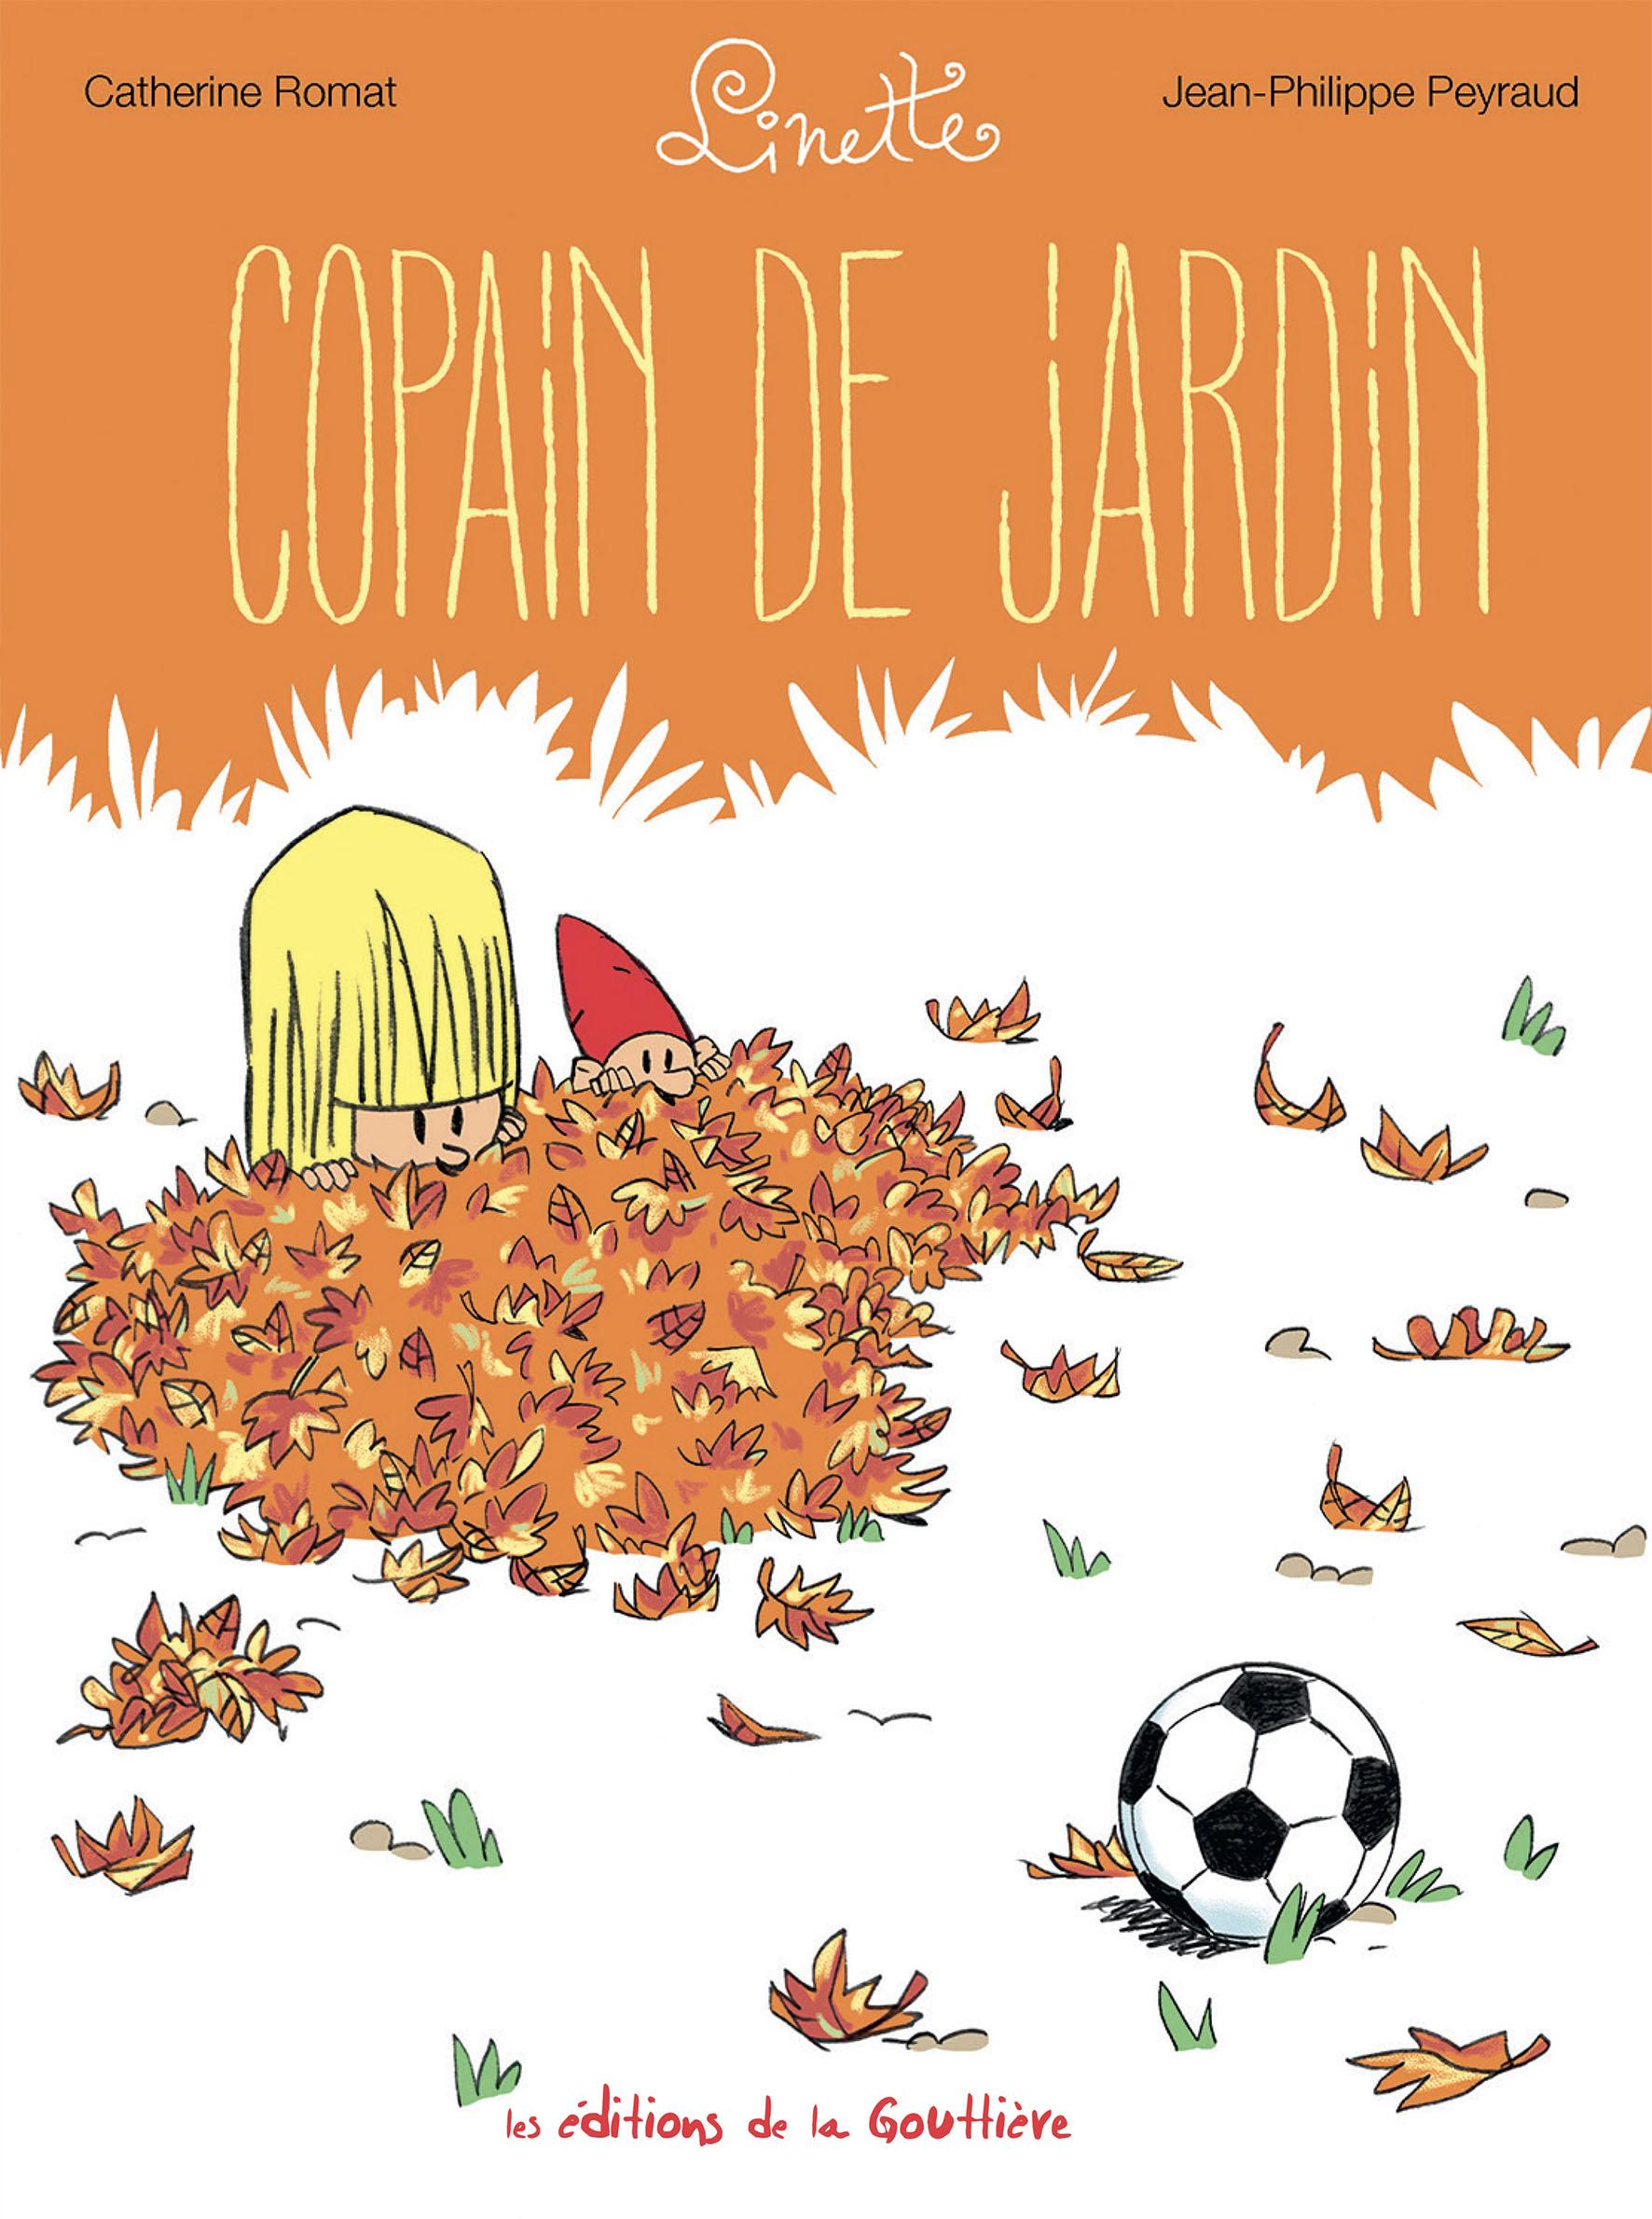 Nouveau tome de la série Linette, de Catherine Romat et Jean-Philippe Peyraud